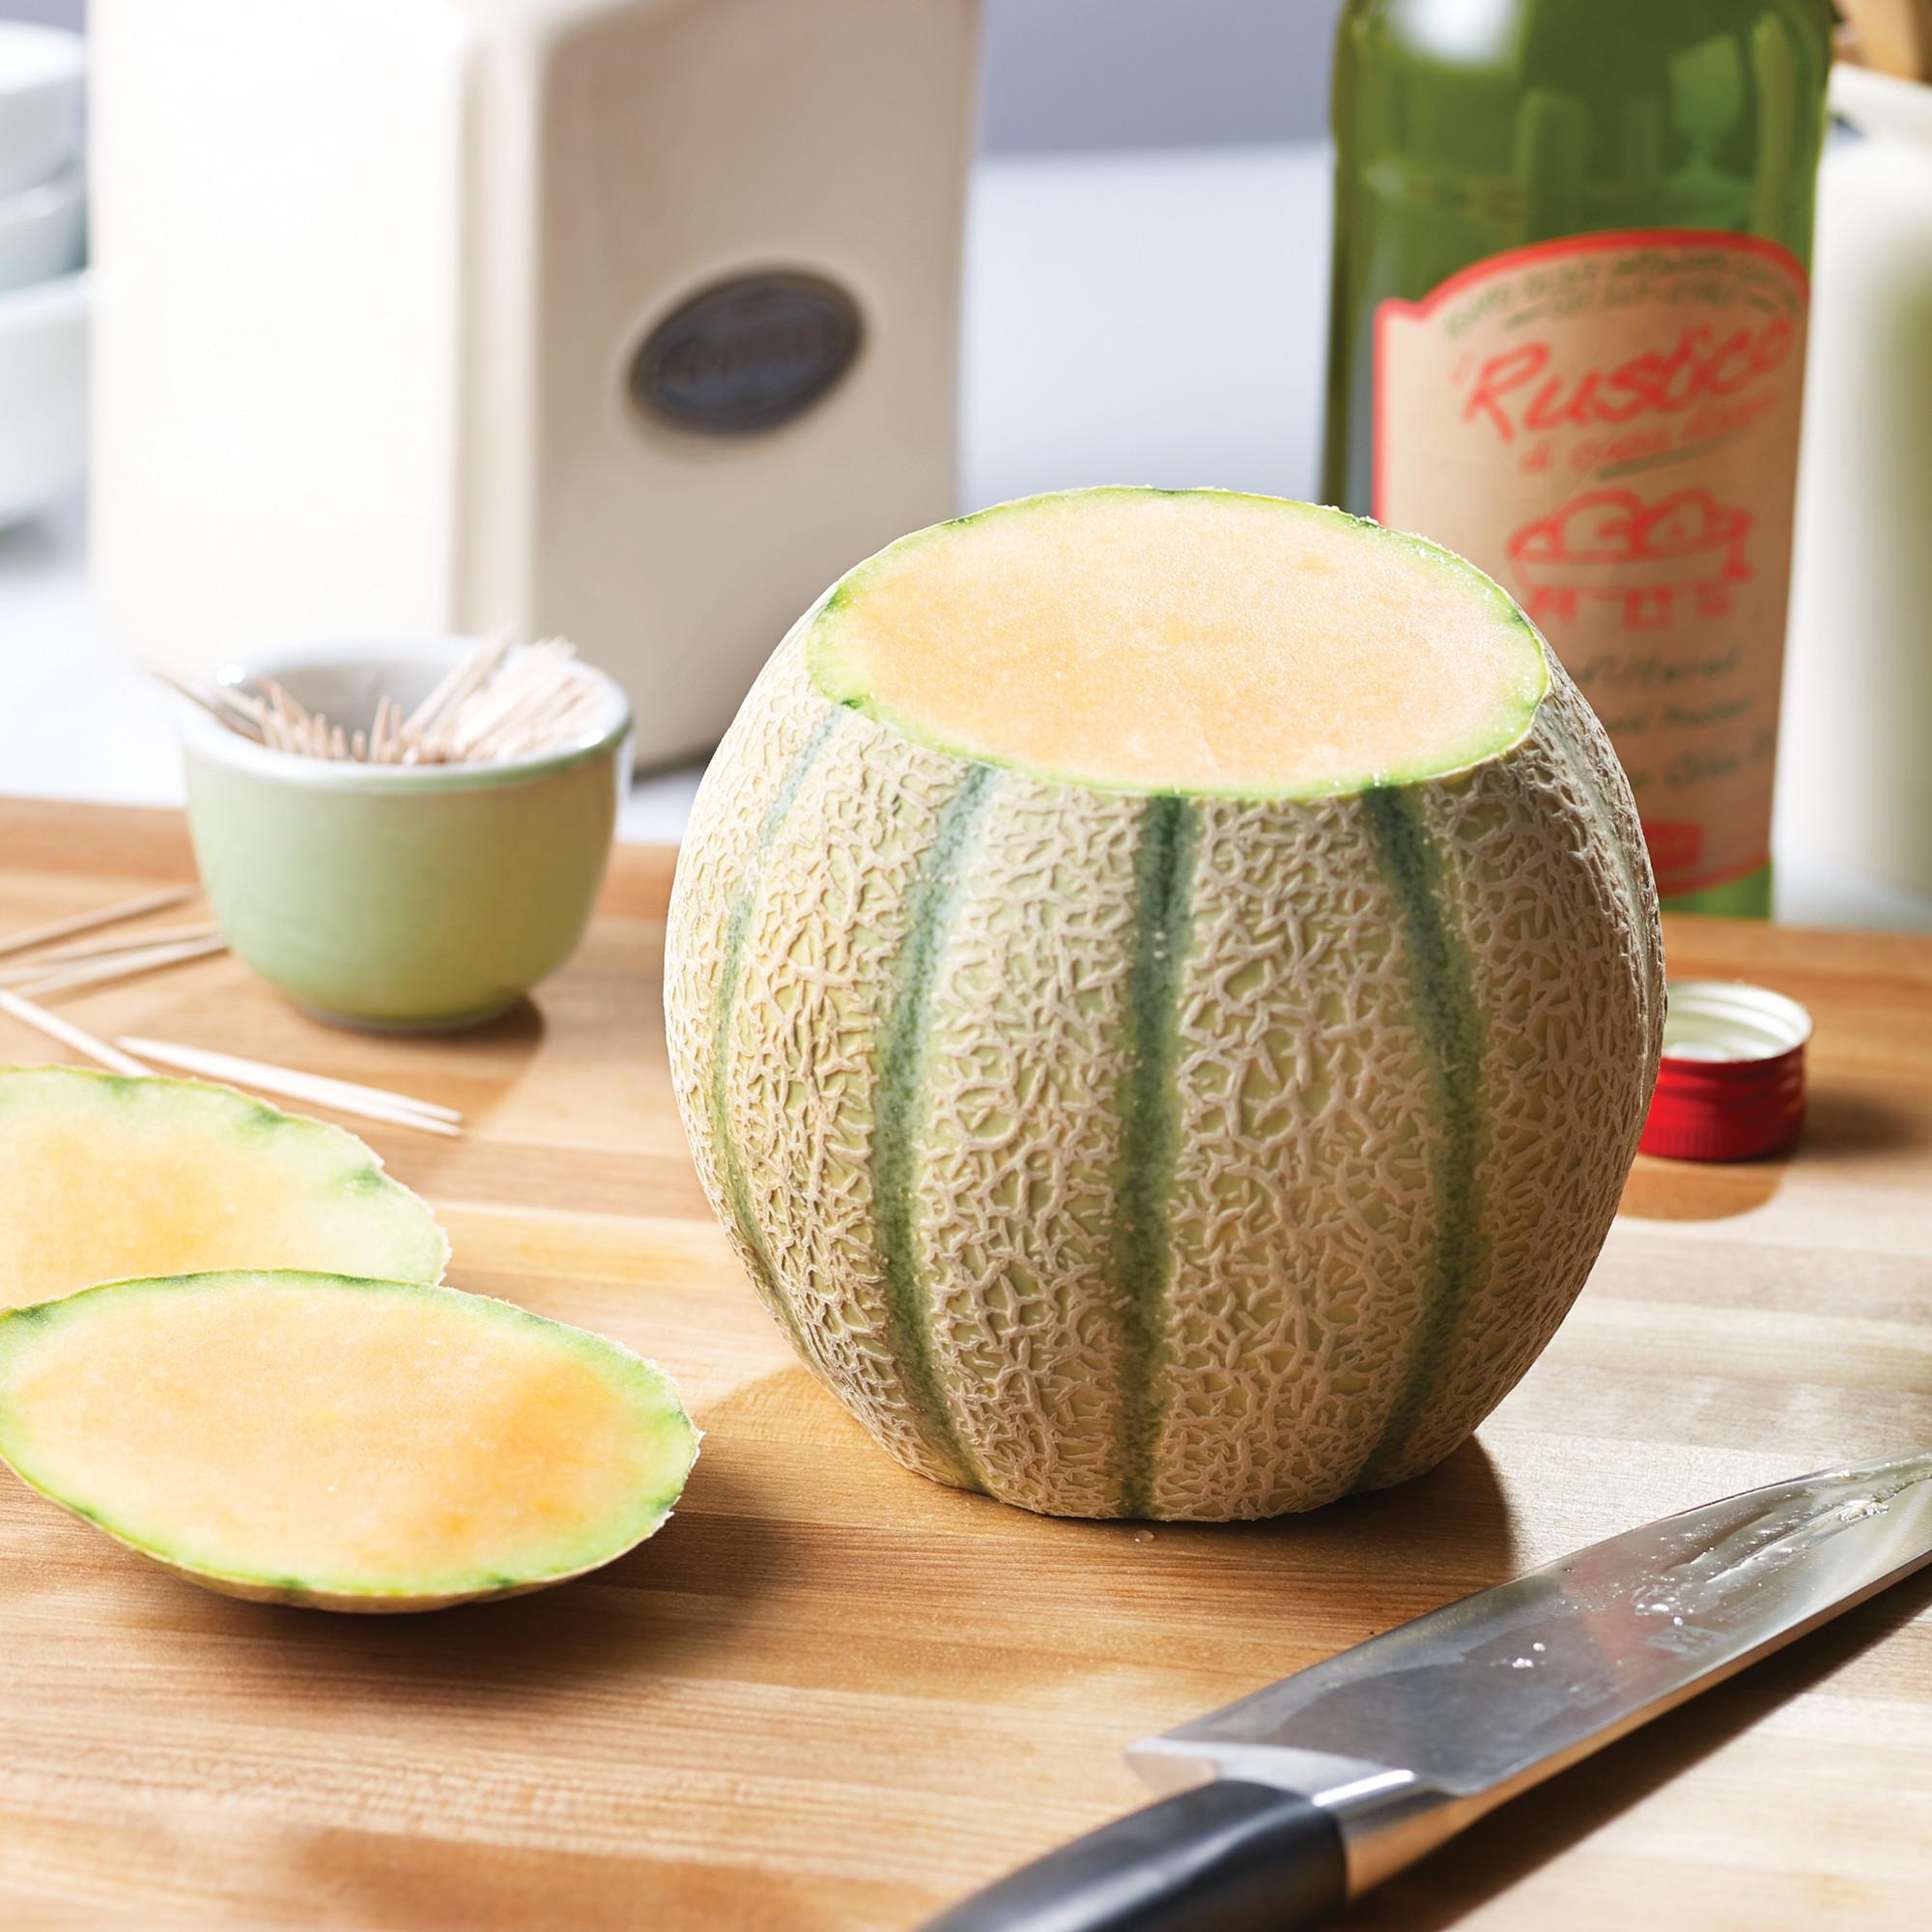 Prosciutto Wrapped Melon Step 2: Slice